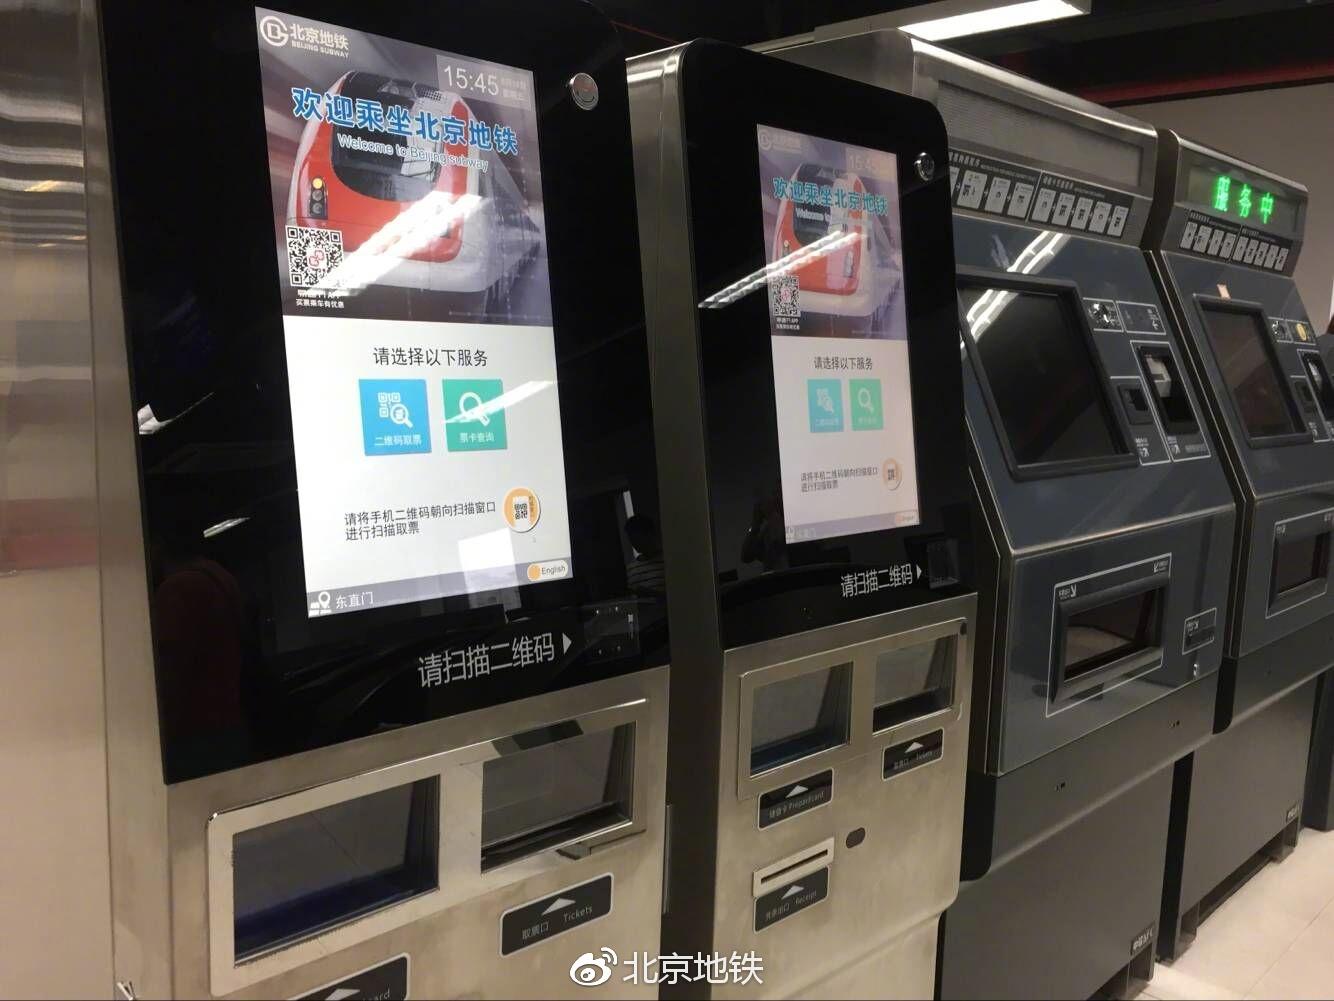 北京地铁:2018年全线路或实现刷二维码进出站